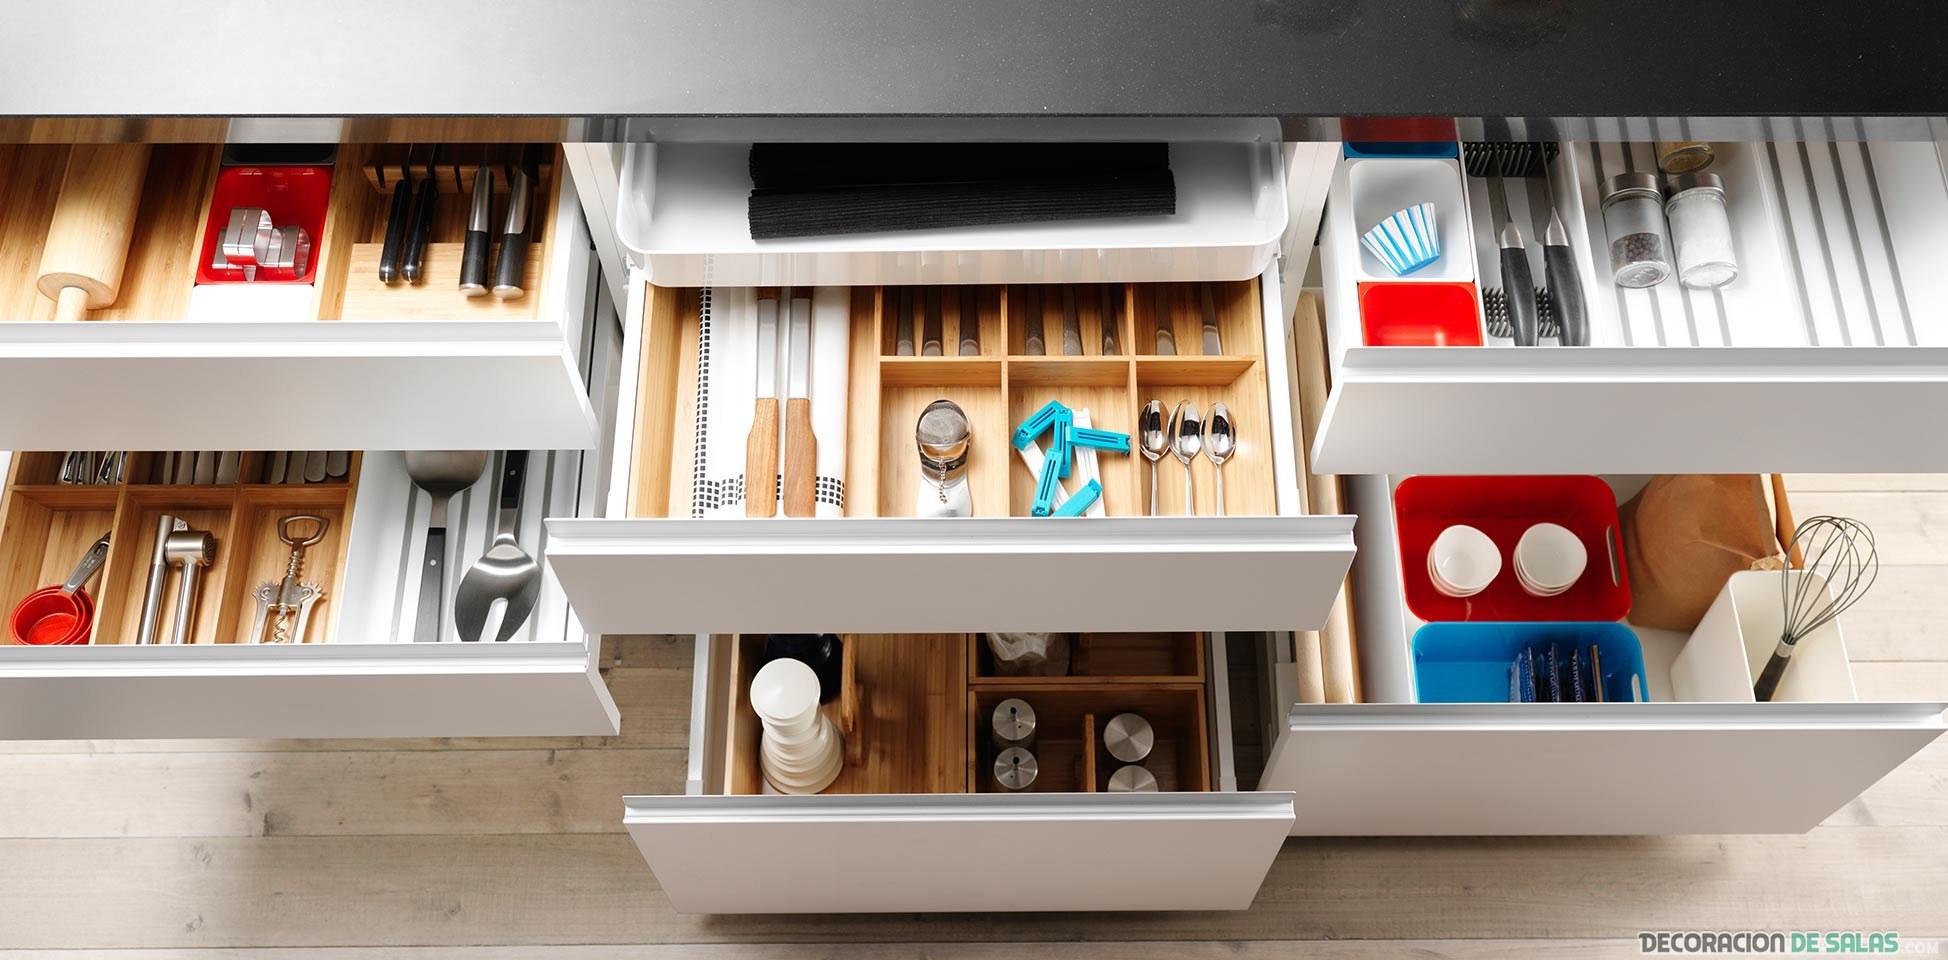 cajones de la cocina organizados